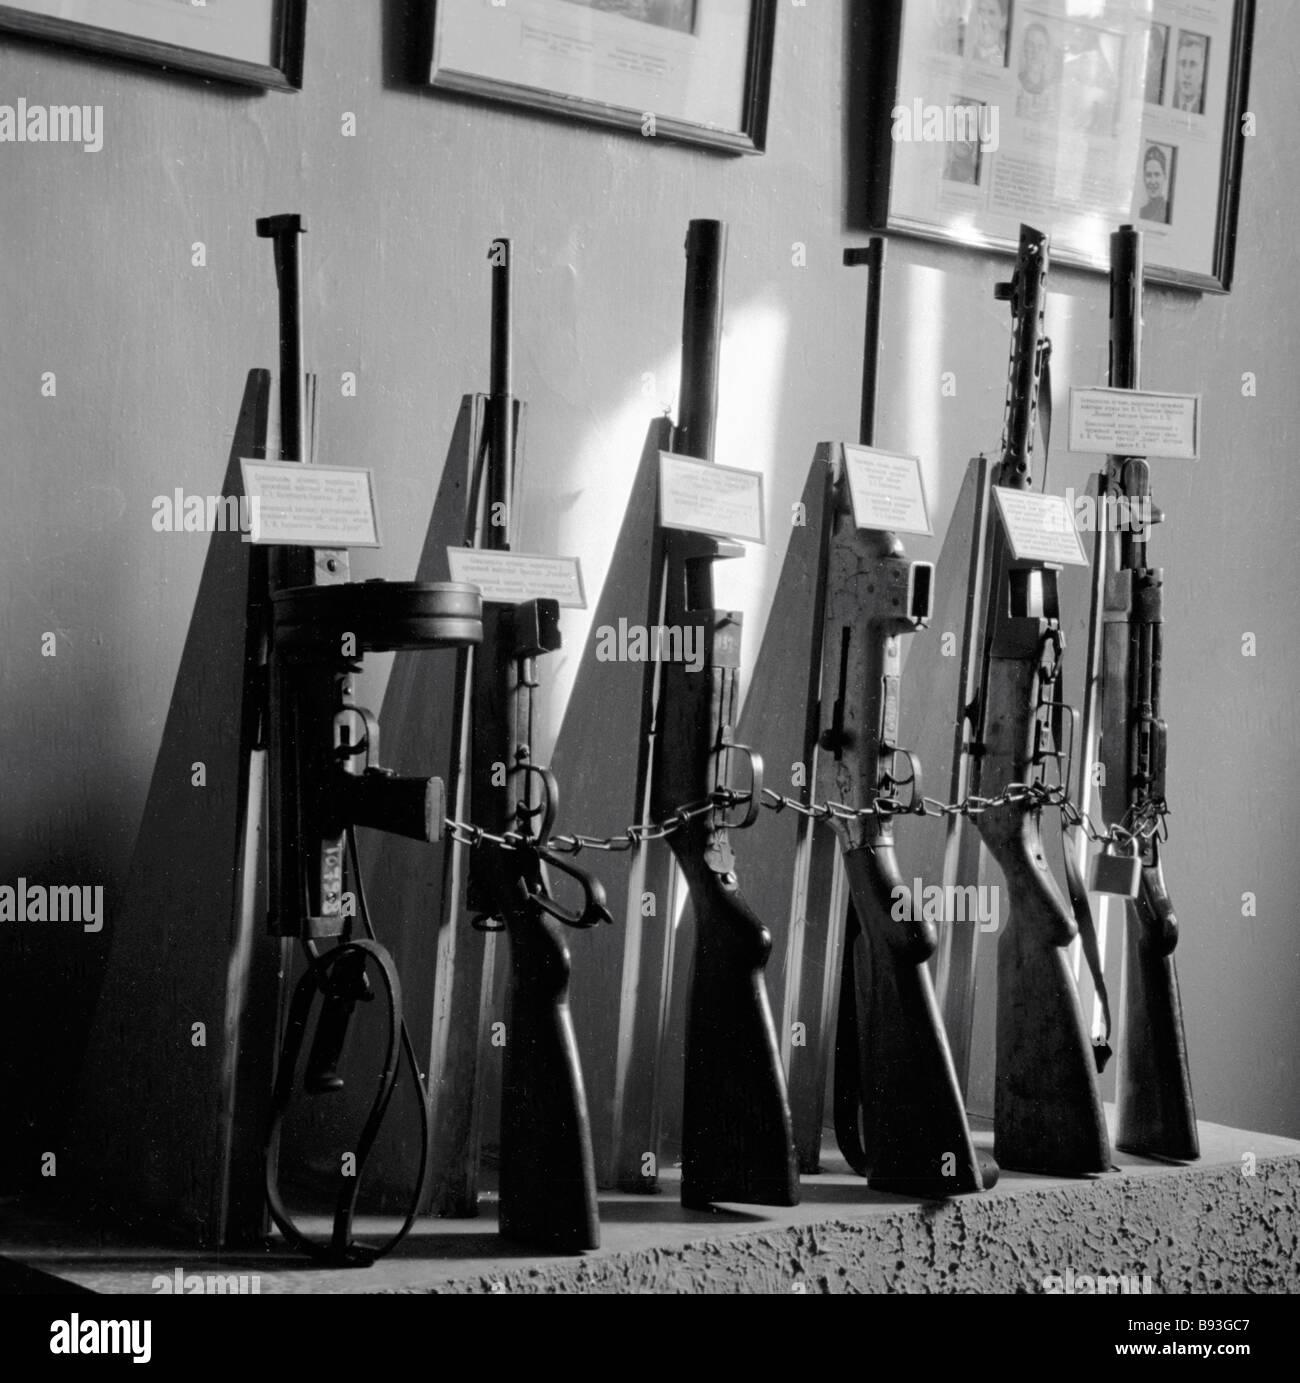 Home armi di guerriglieri bielorussa in esposizione al museo di Minsk Immagini Stock